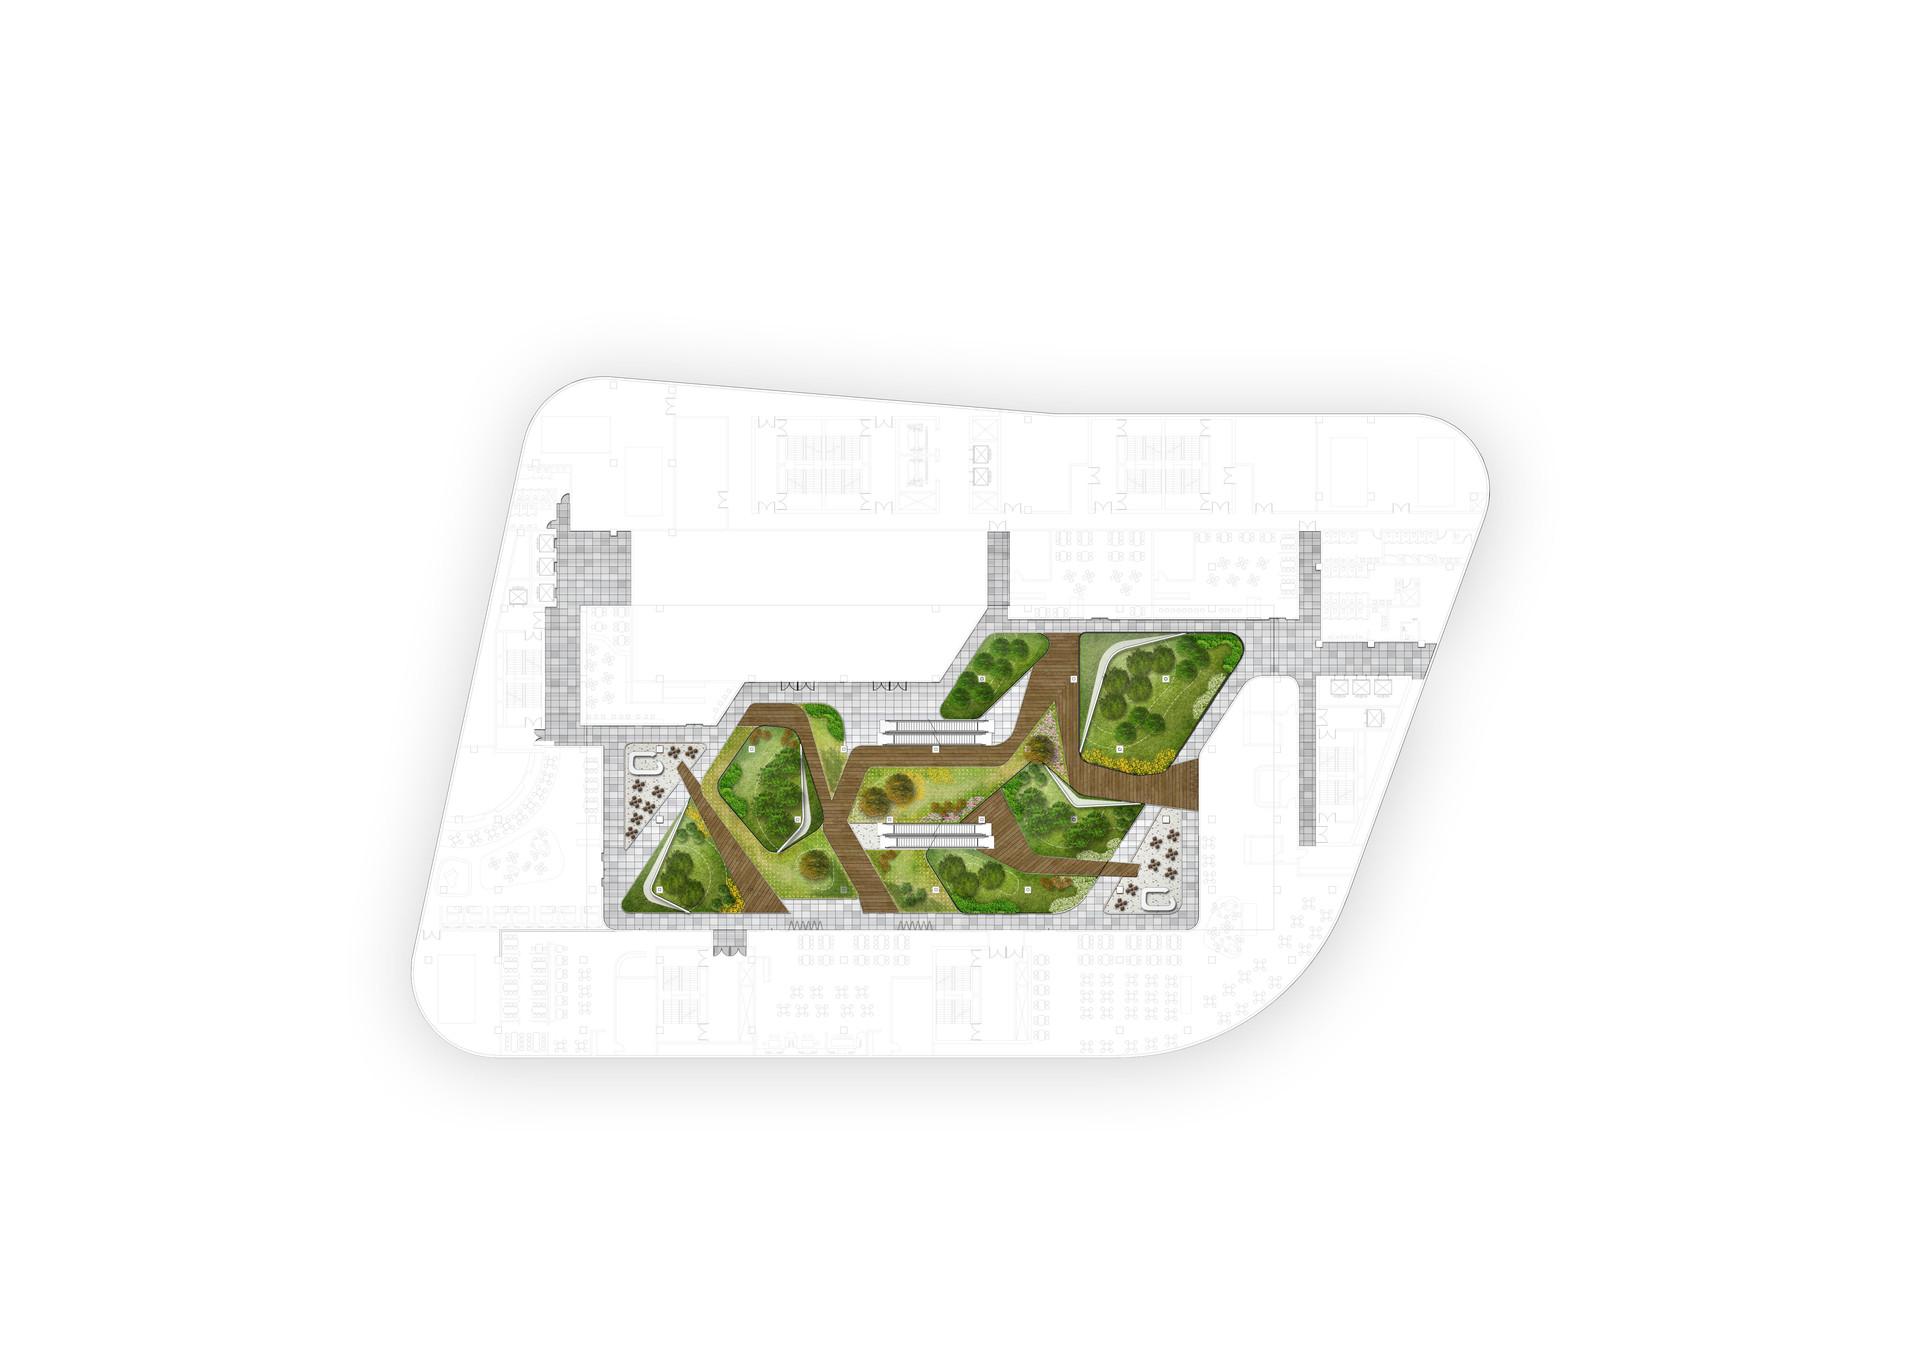 심양 백화점 조경계획 4.jpg